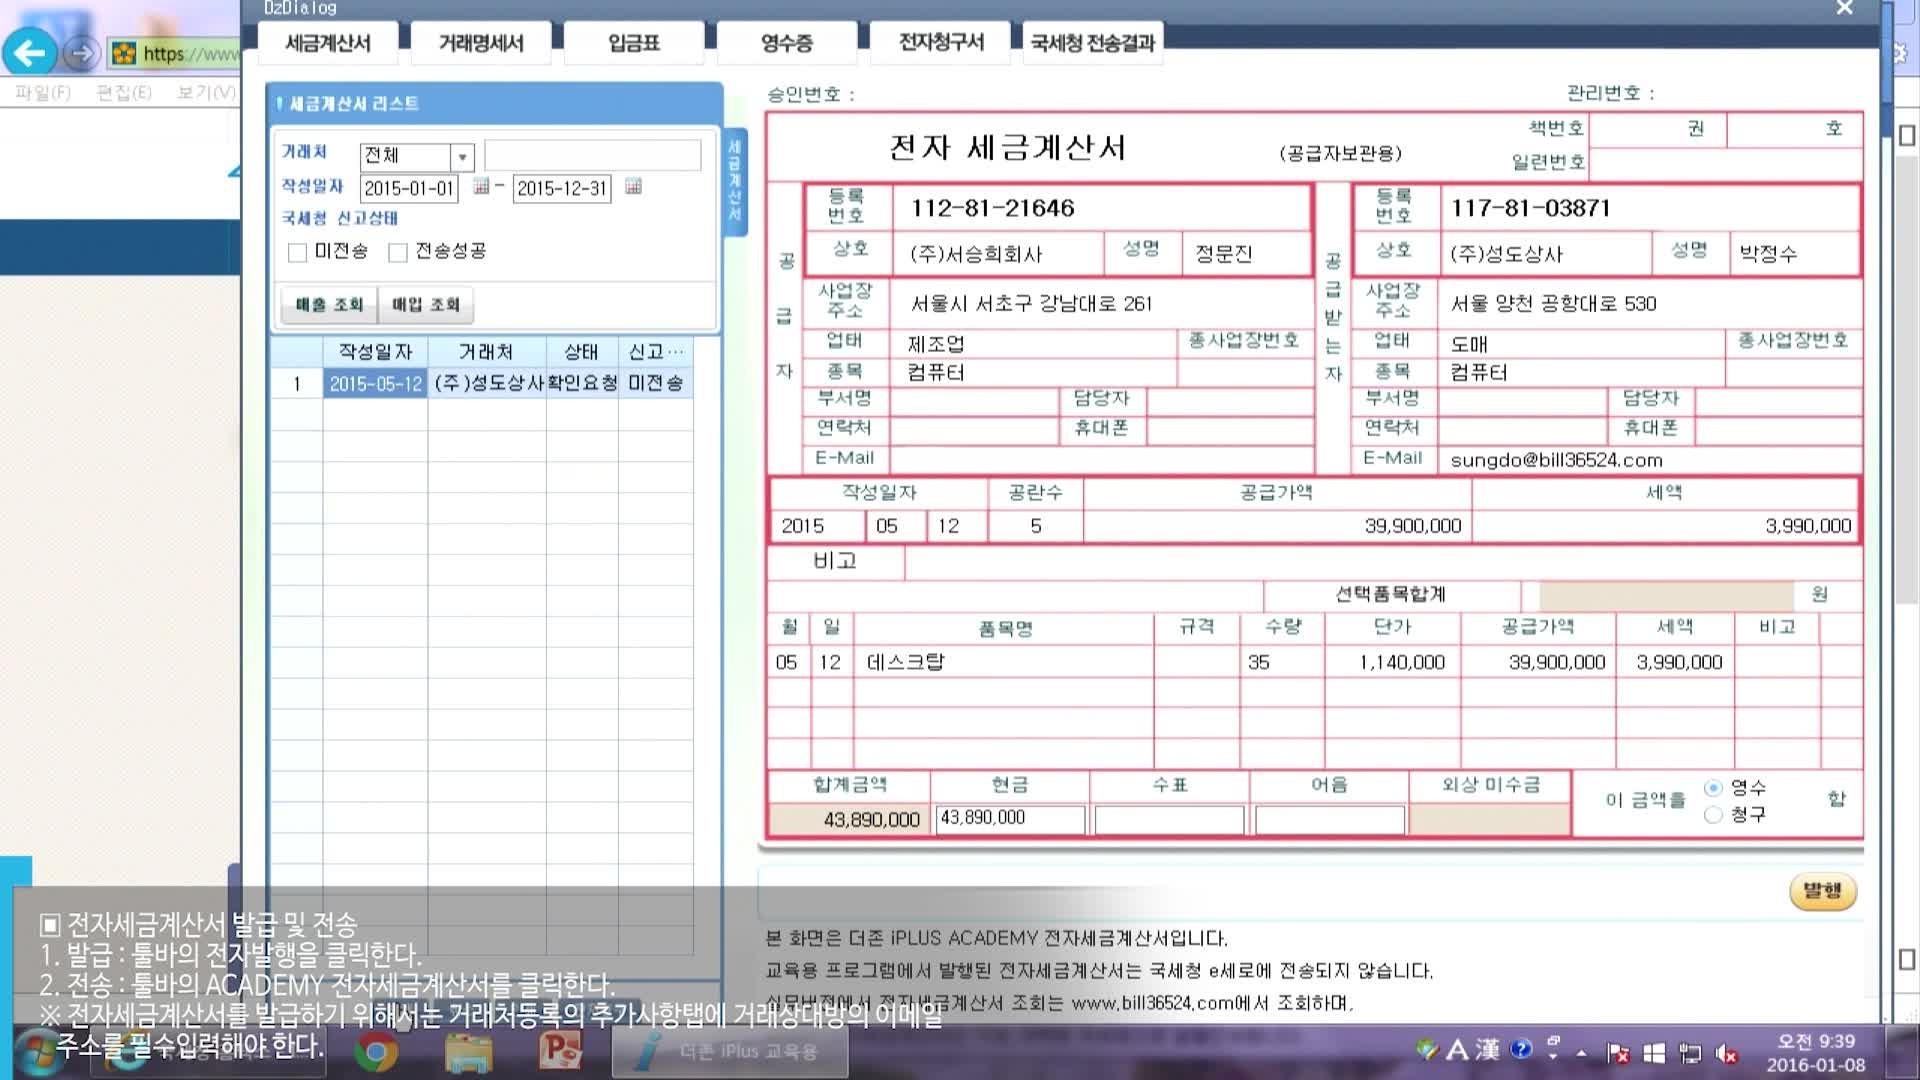 13차시 전자세금계산서 발급(2)